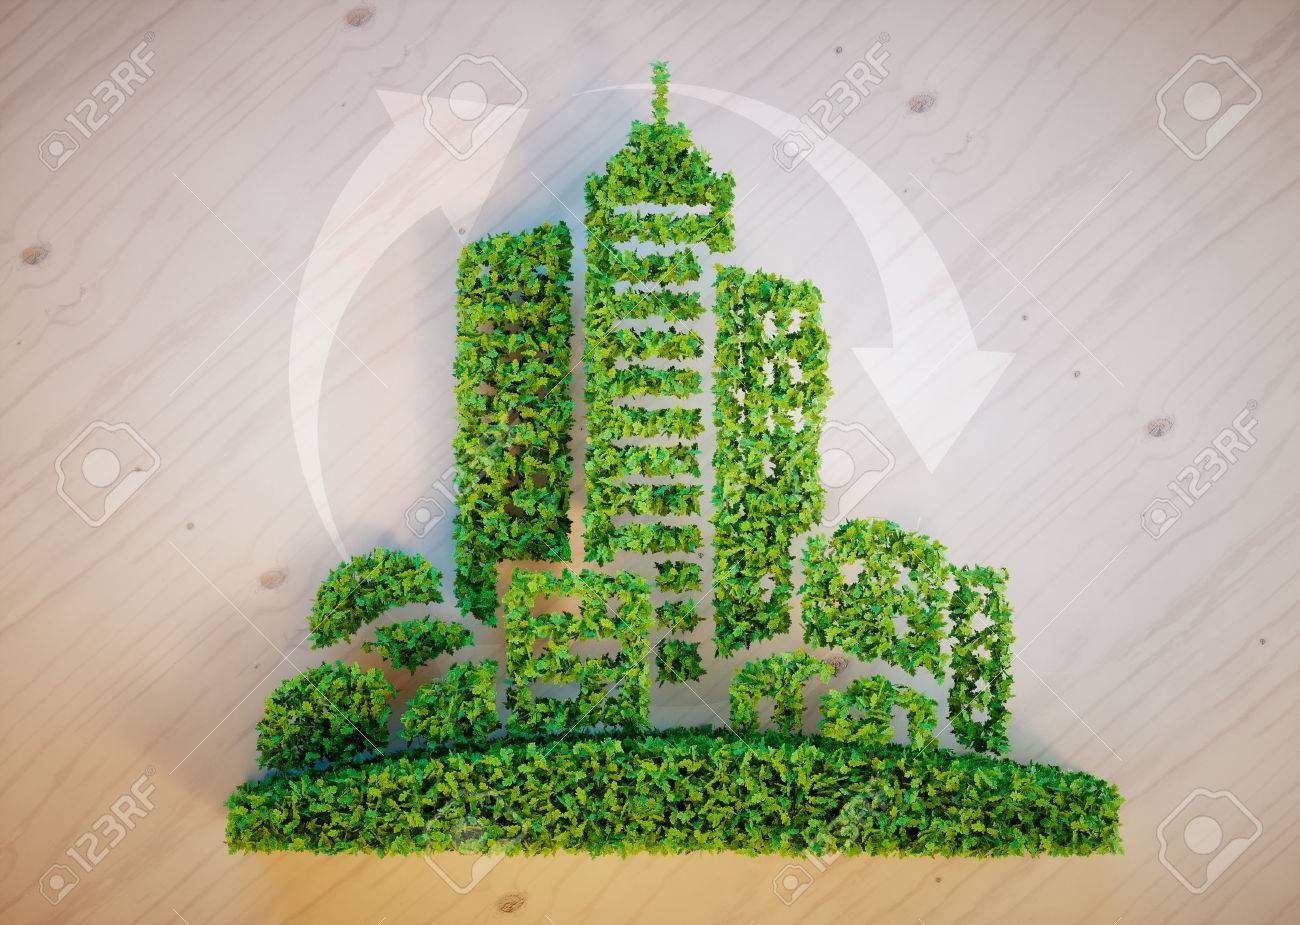 Green city concept - 51986771